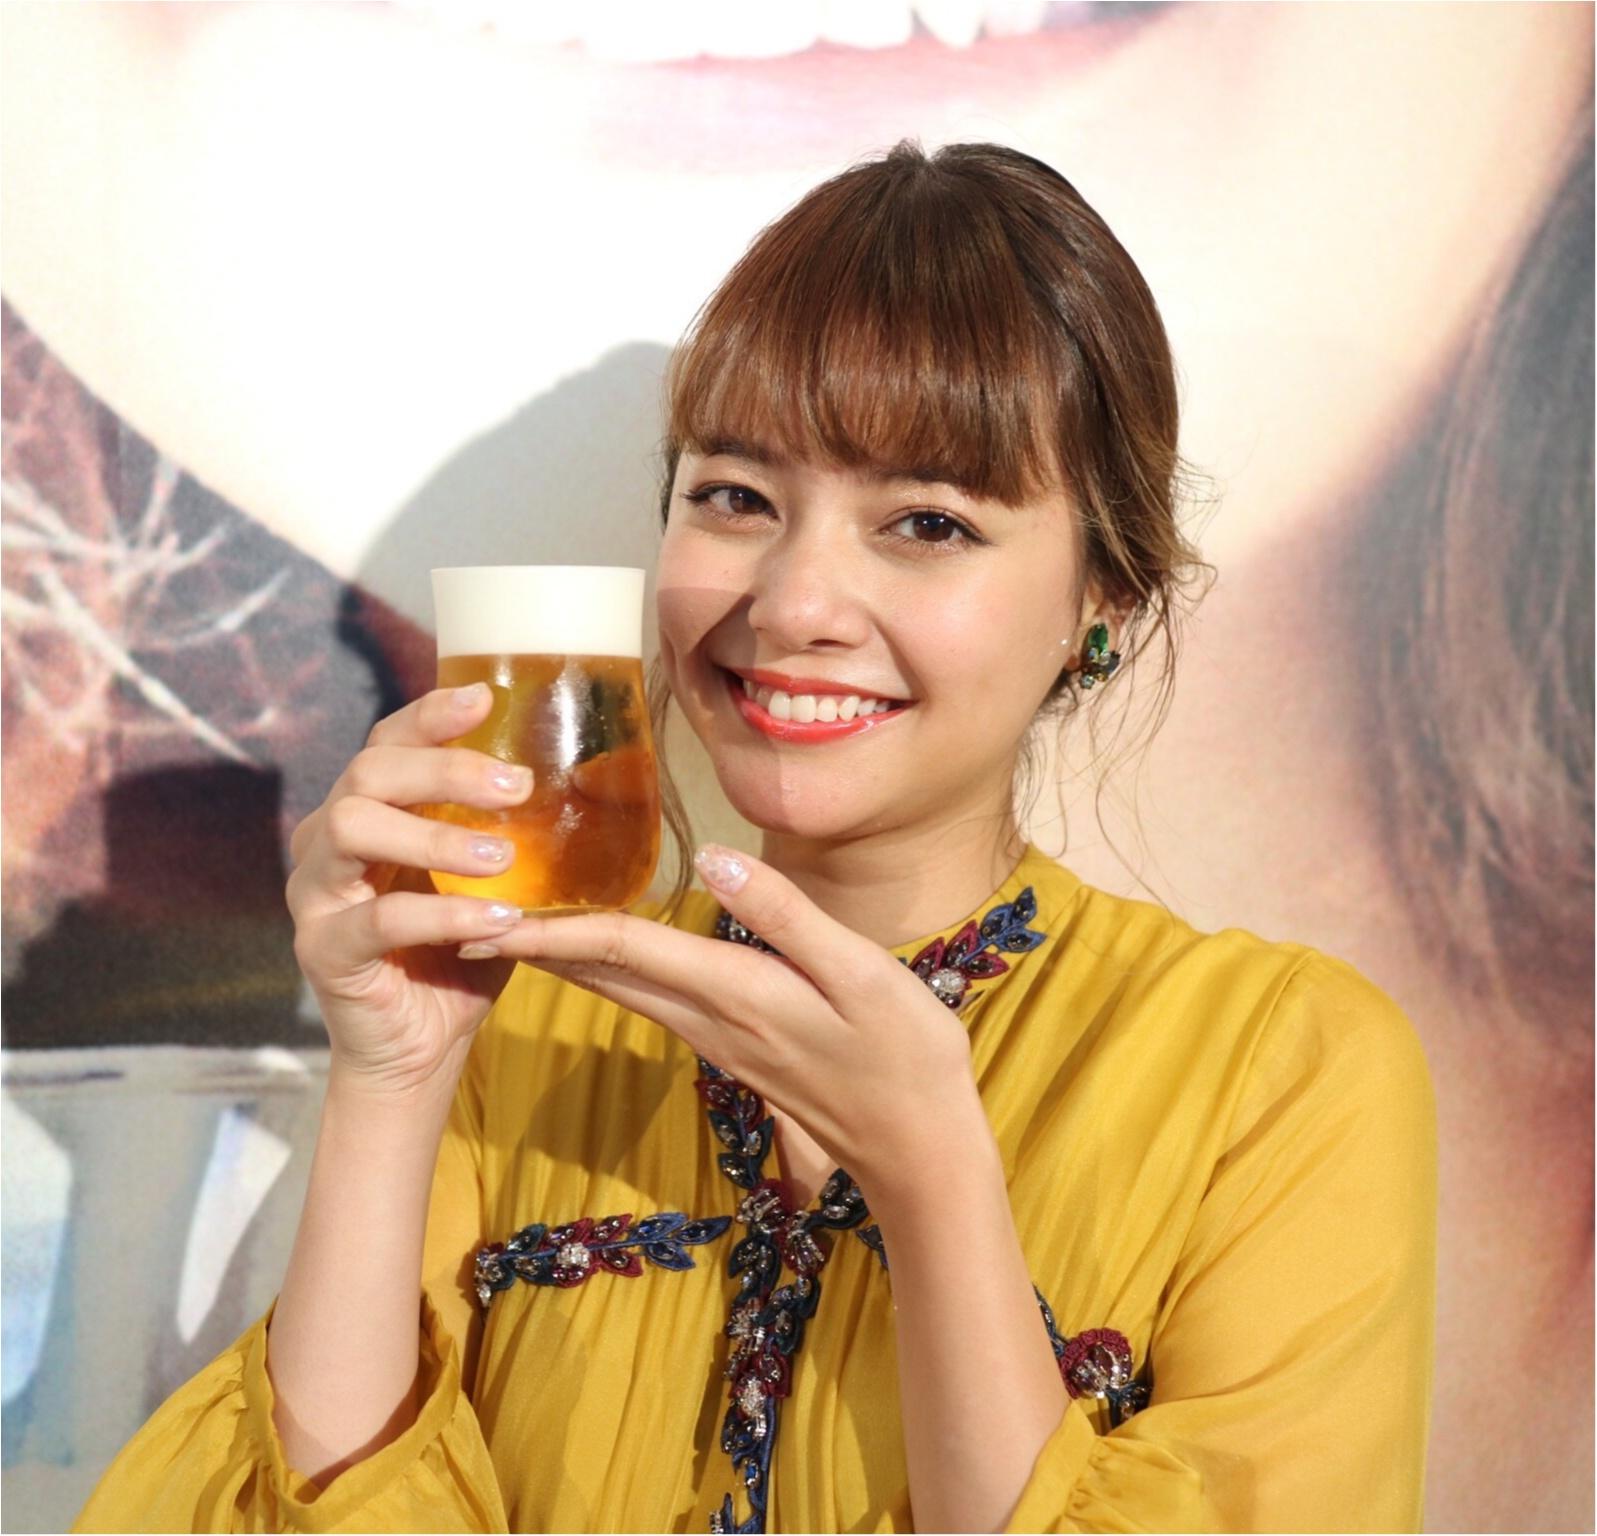 岸本セシルおすすめ♡ 『ホワイトベルグゼミ』ファンイベントに潜入してきました!_5